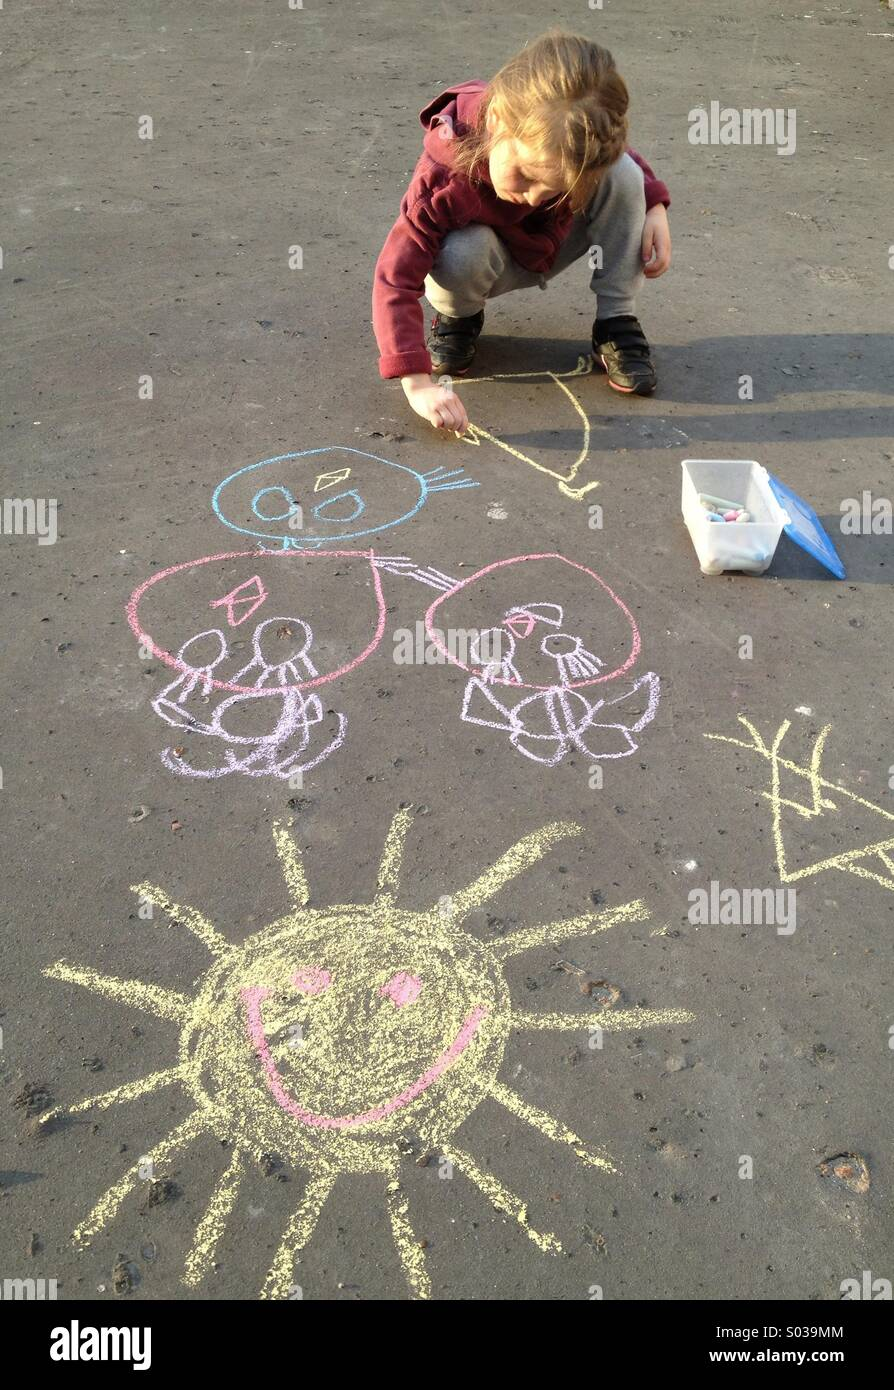 Bambina disegno con Chalk Immagini Stock